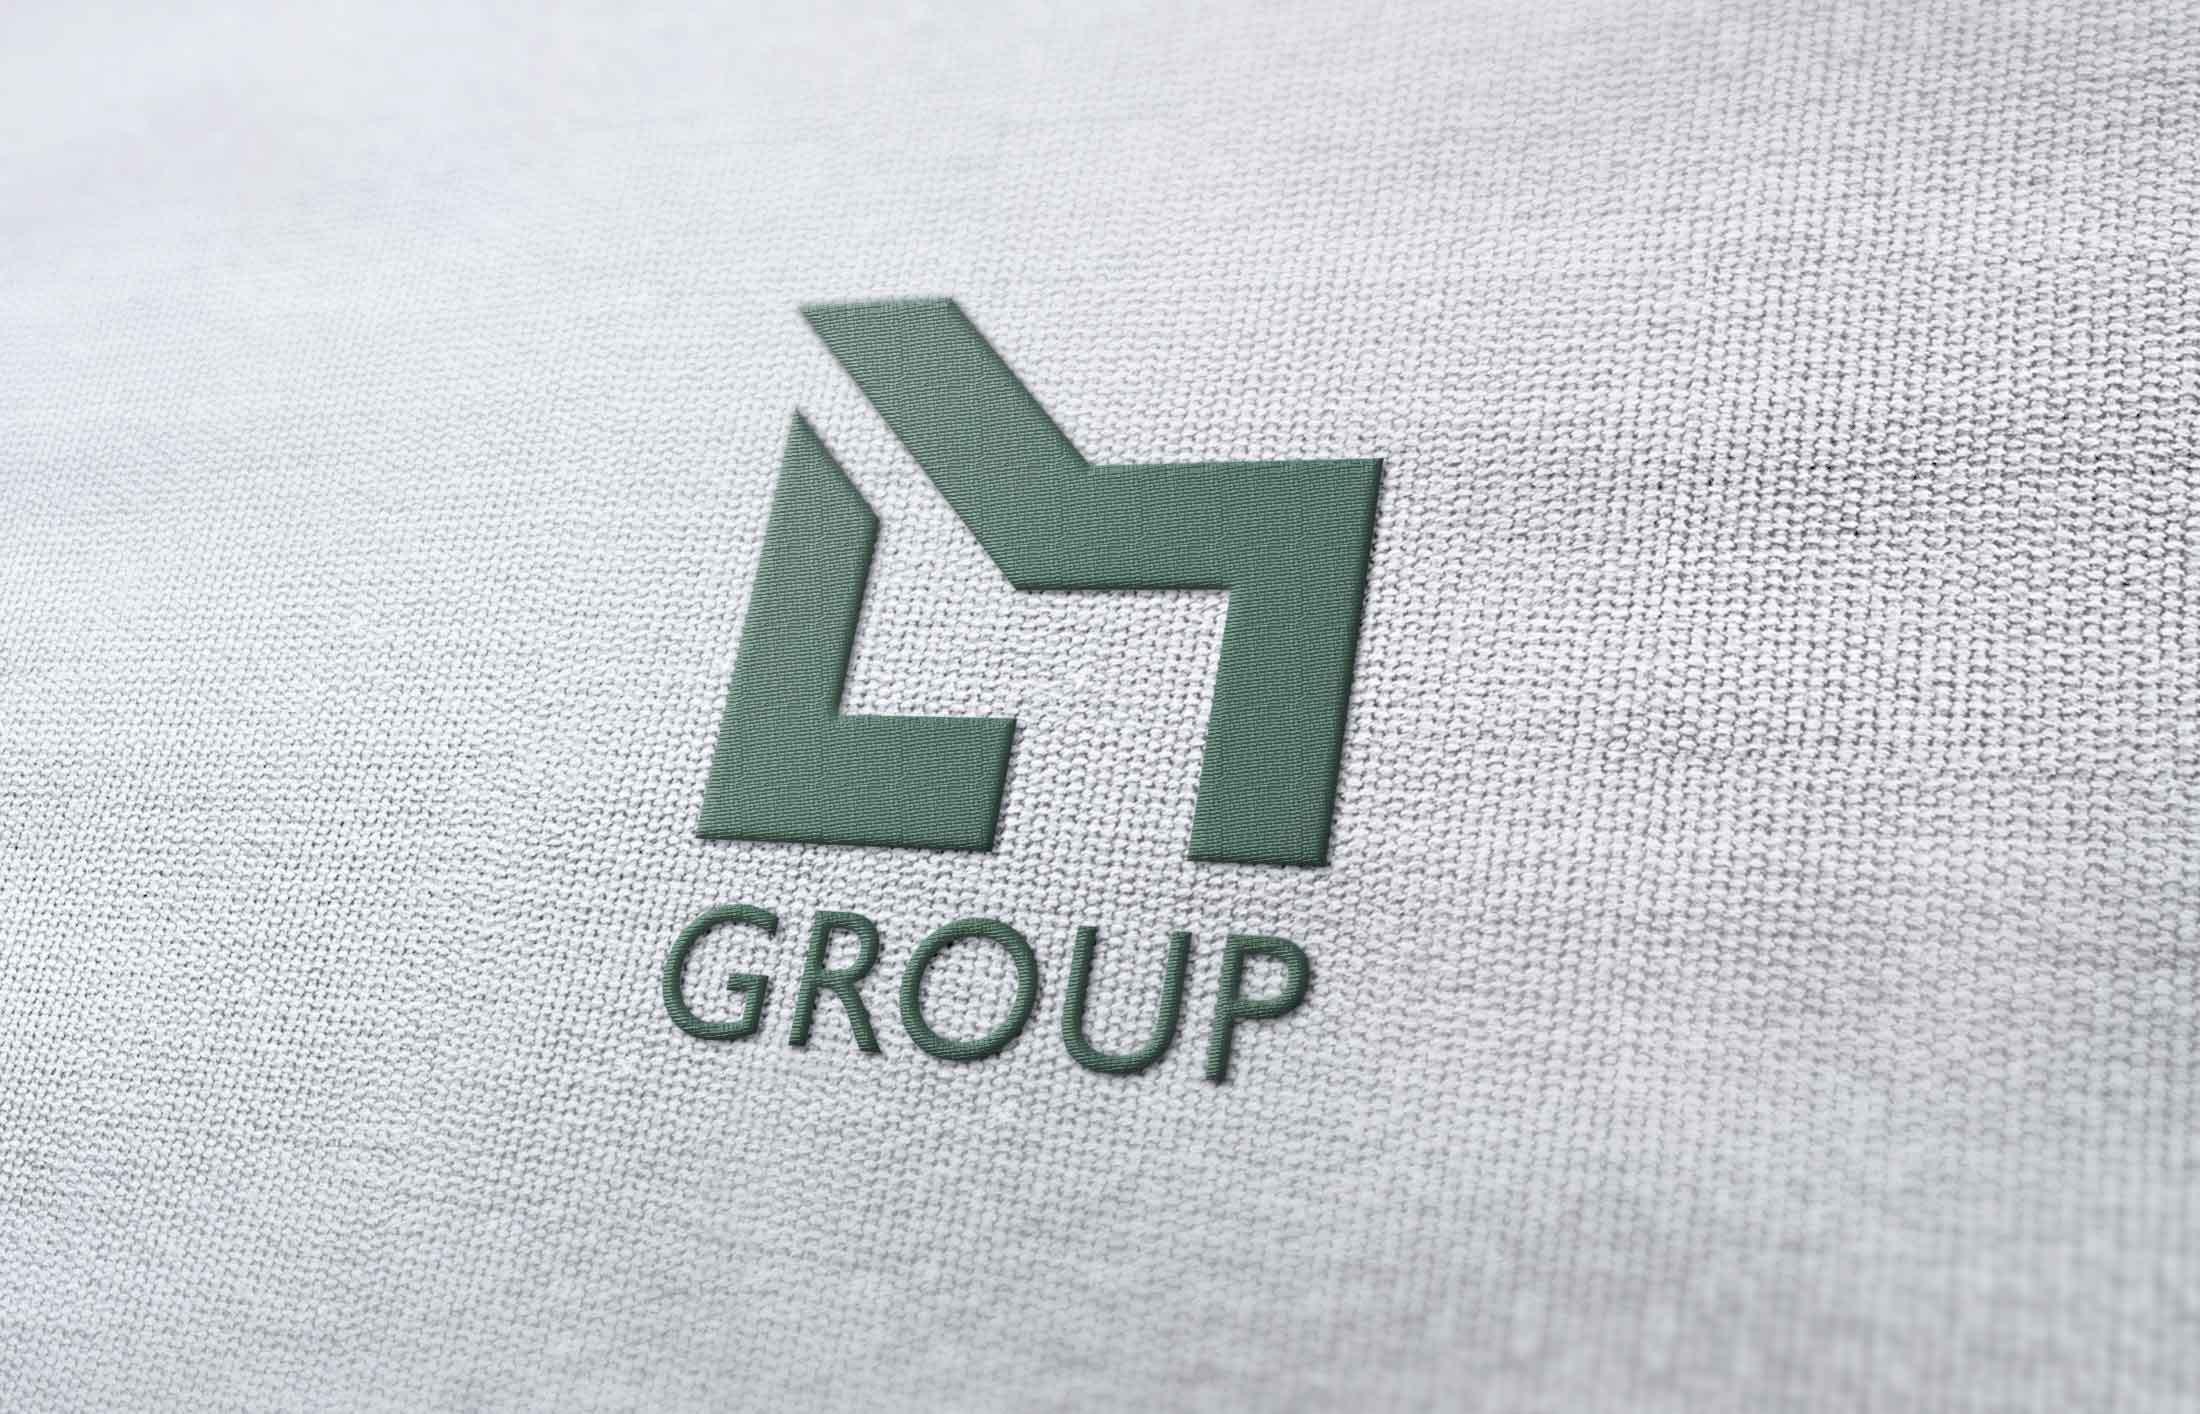 Laramob logos and biz cards